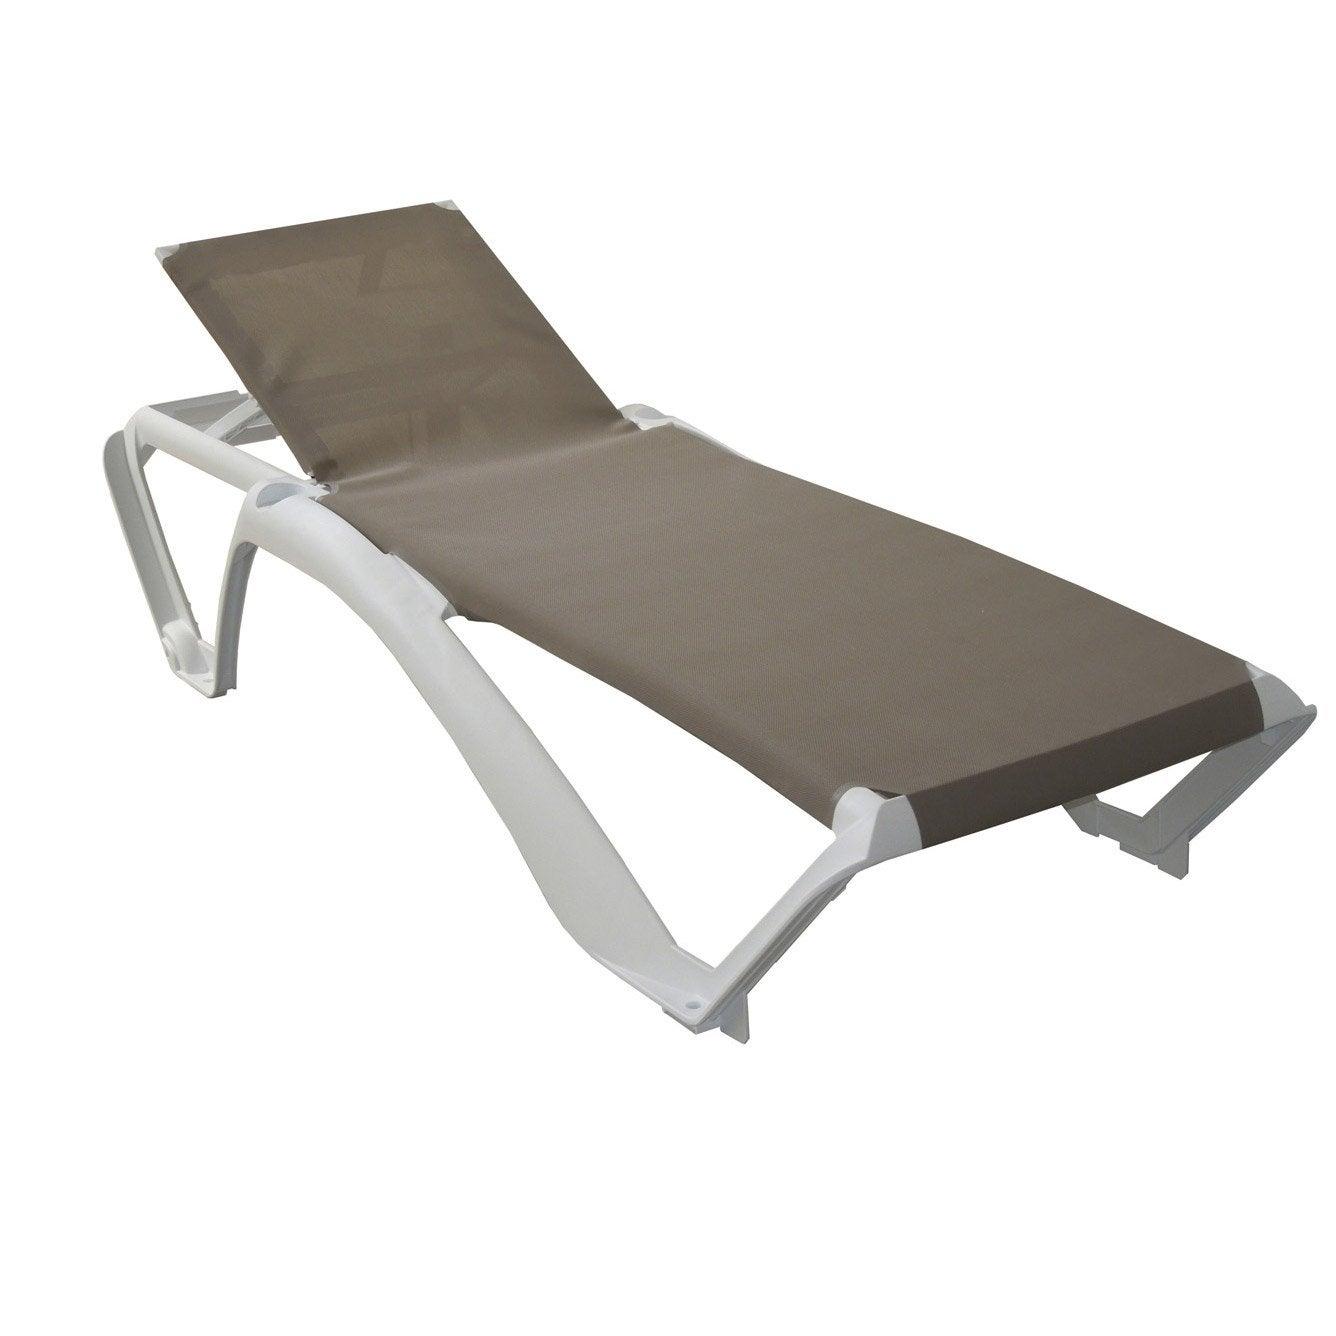 Bain de soleil de jardin en r sine inject e acqua sable for Chaise longue de jardin pvc